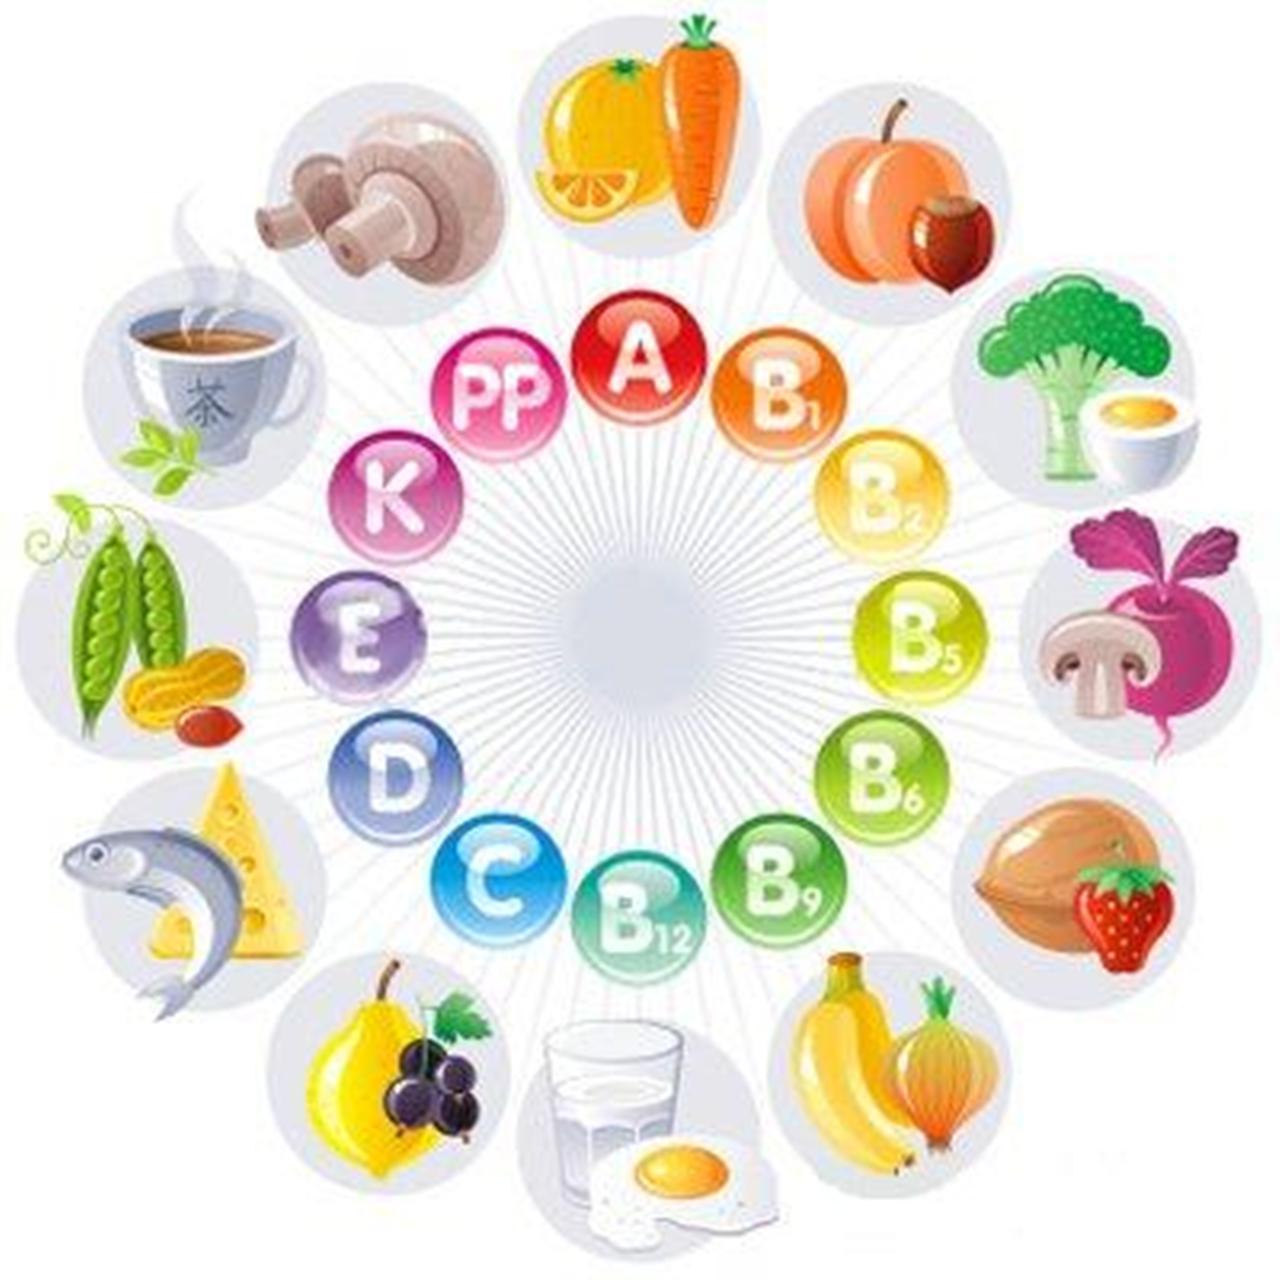 здоровое питание от аннет